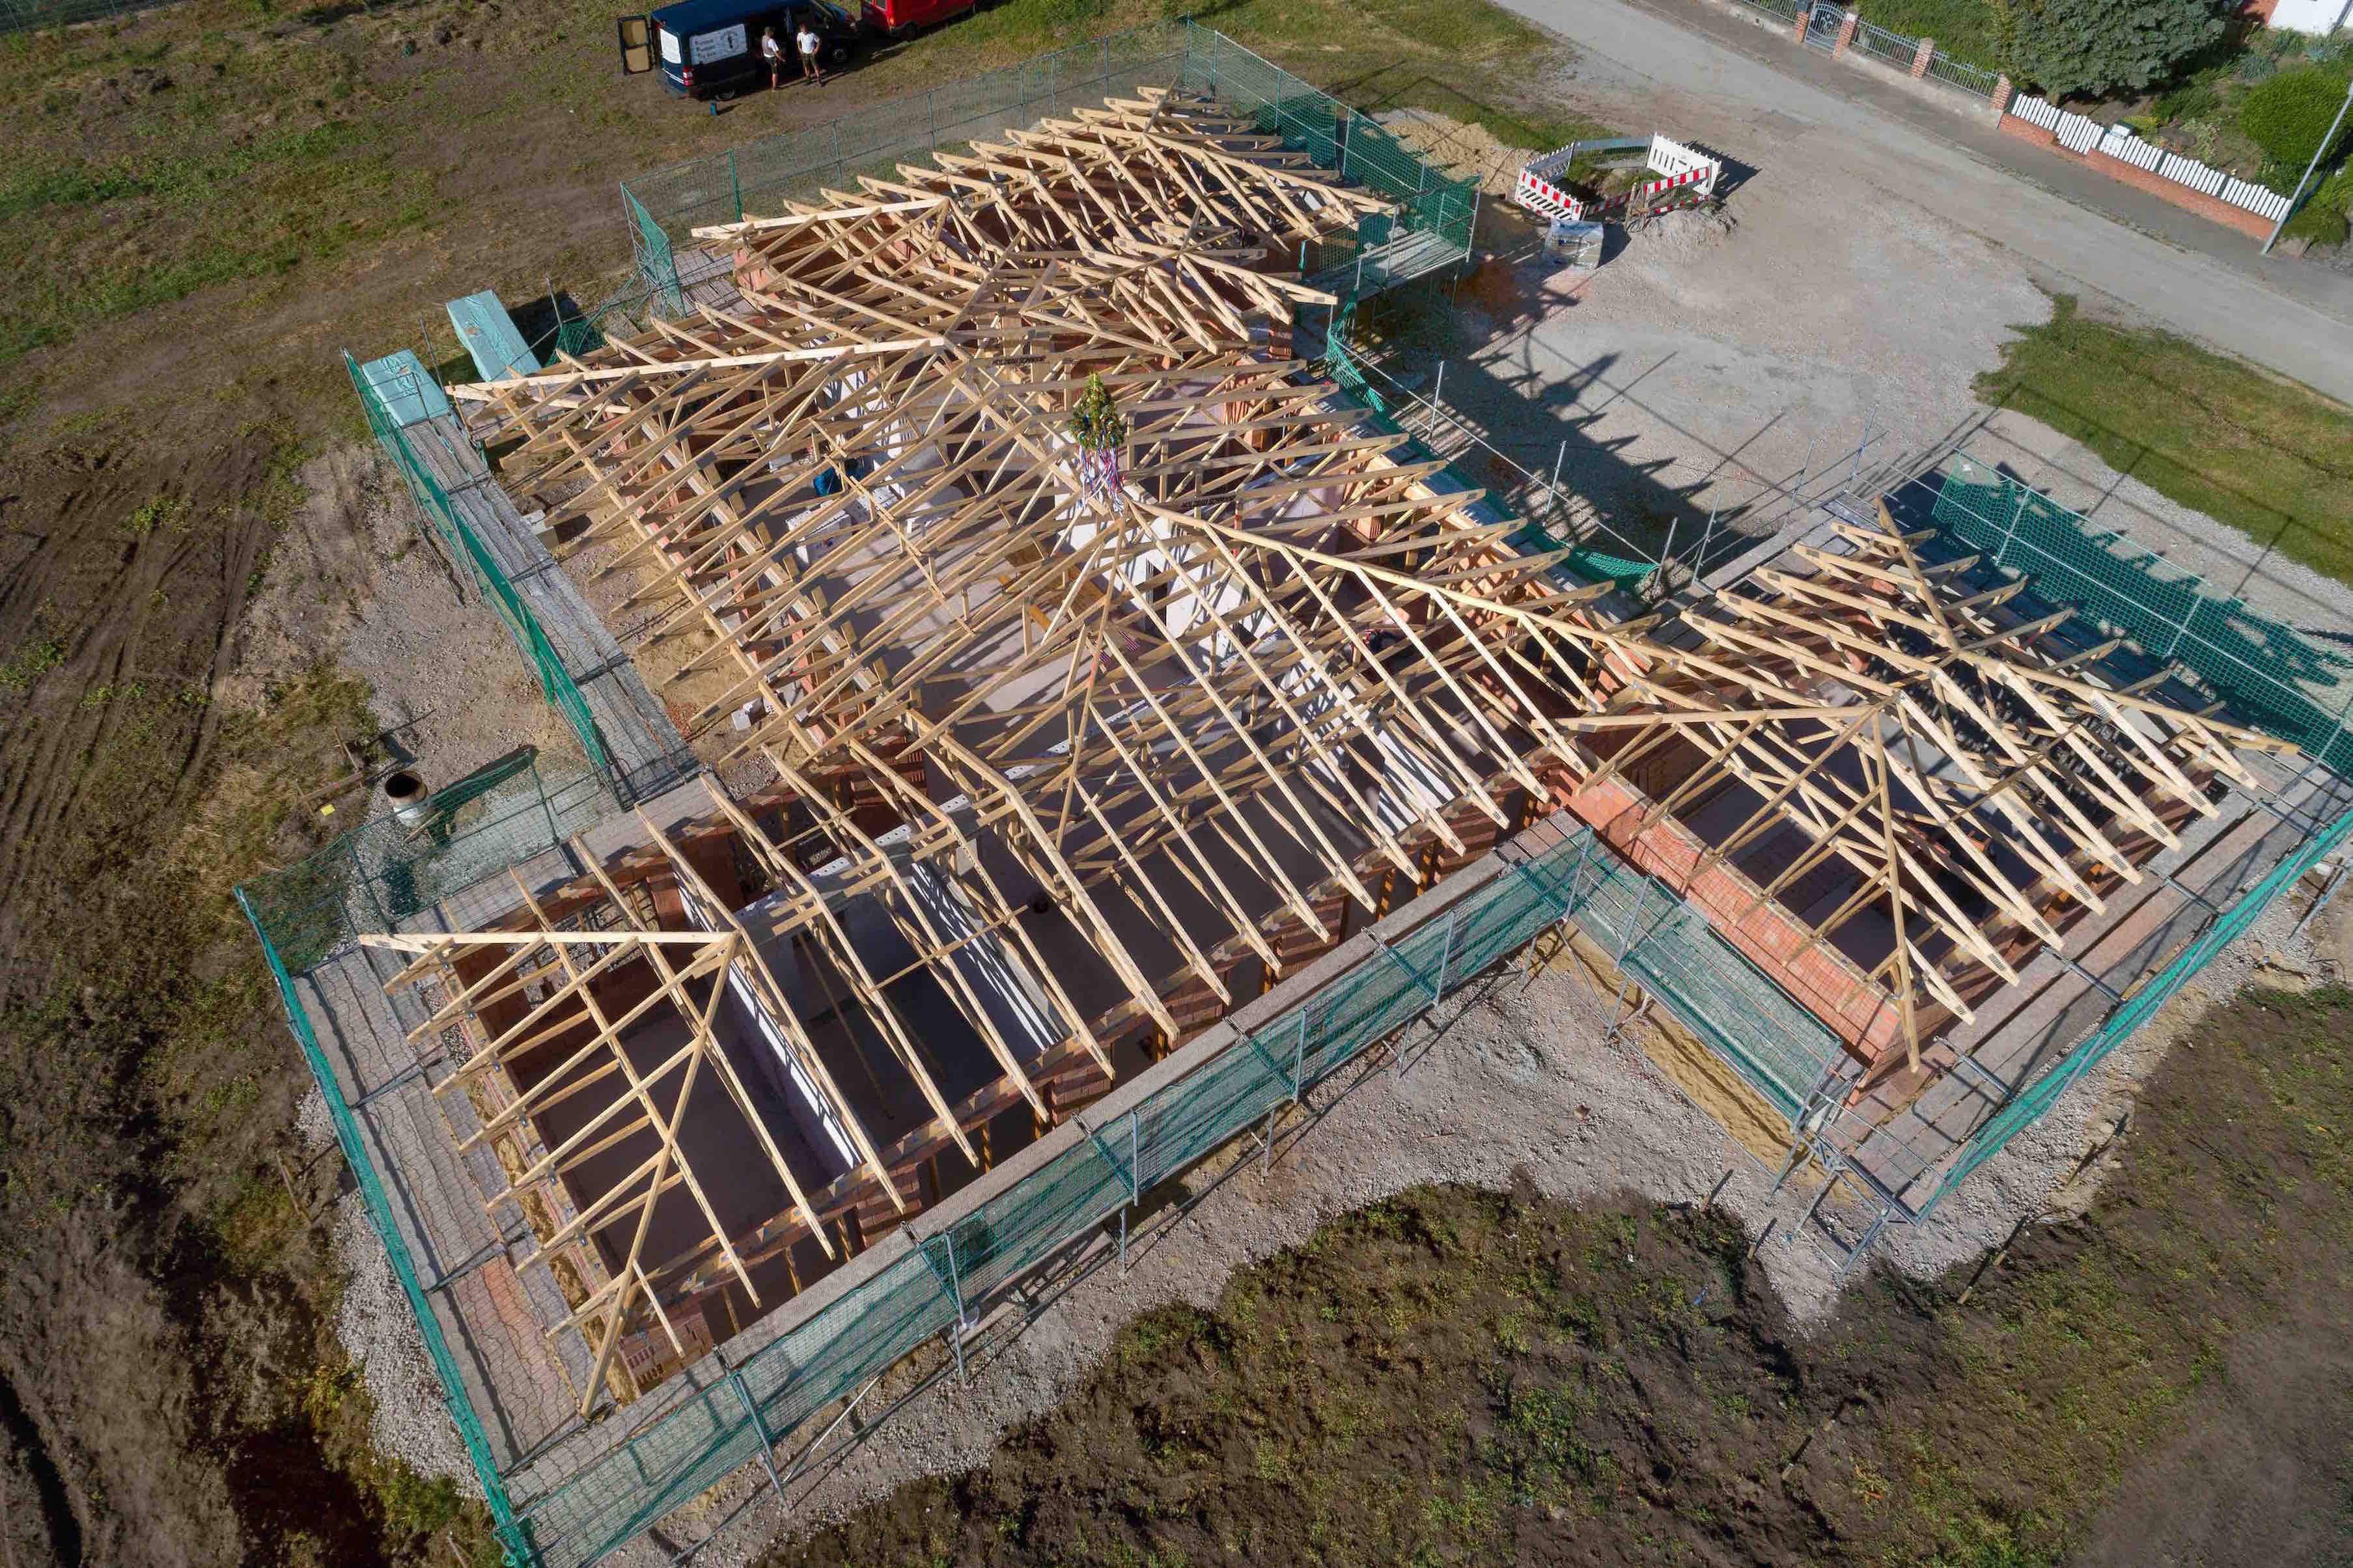 Villa Mit Kathedral Flair Uberzeugt Mit Lebendigem Dach Von Schnoor